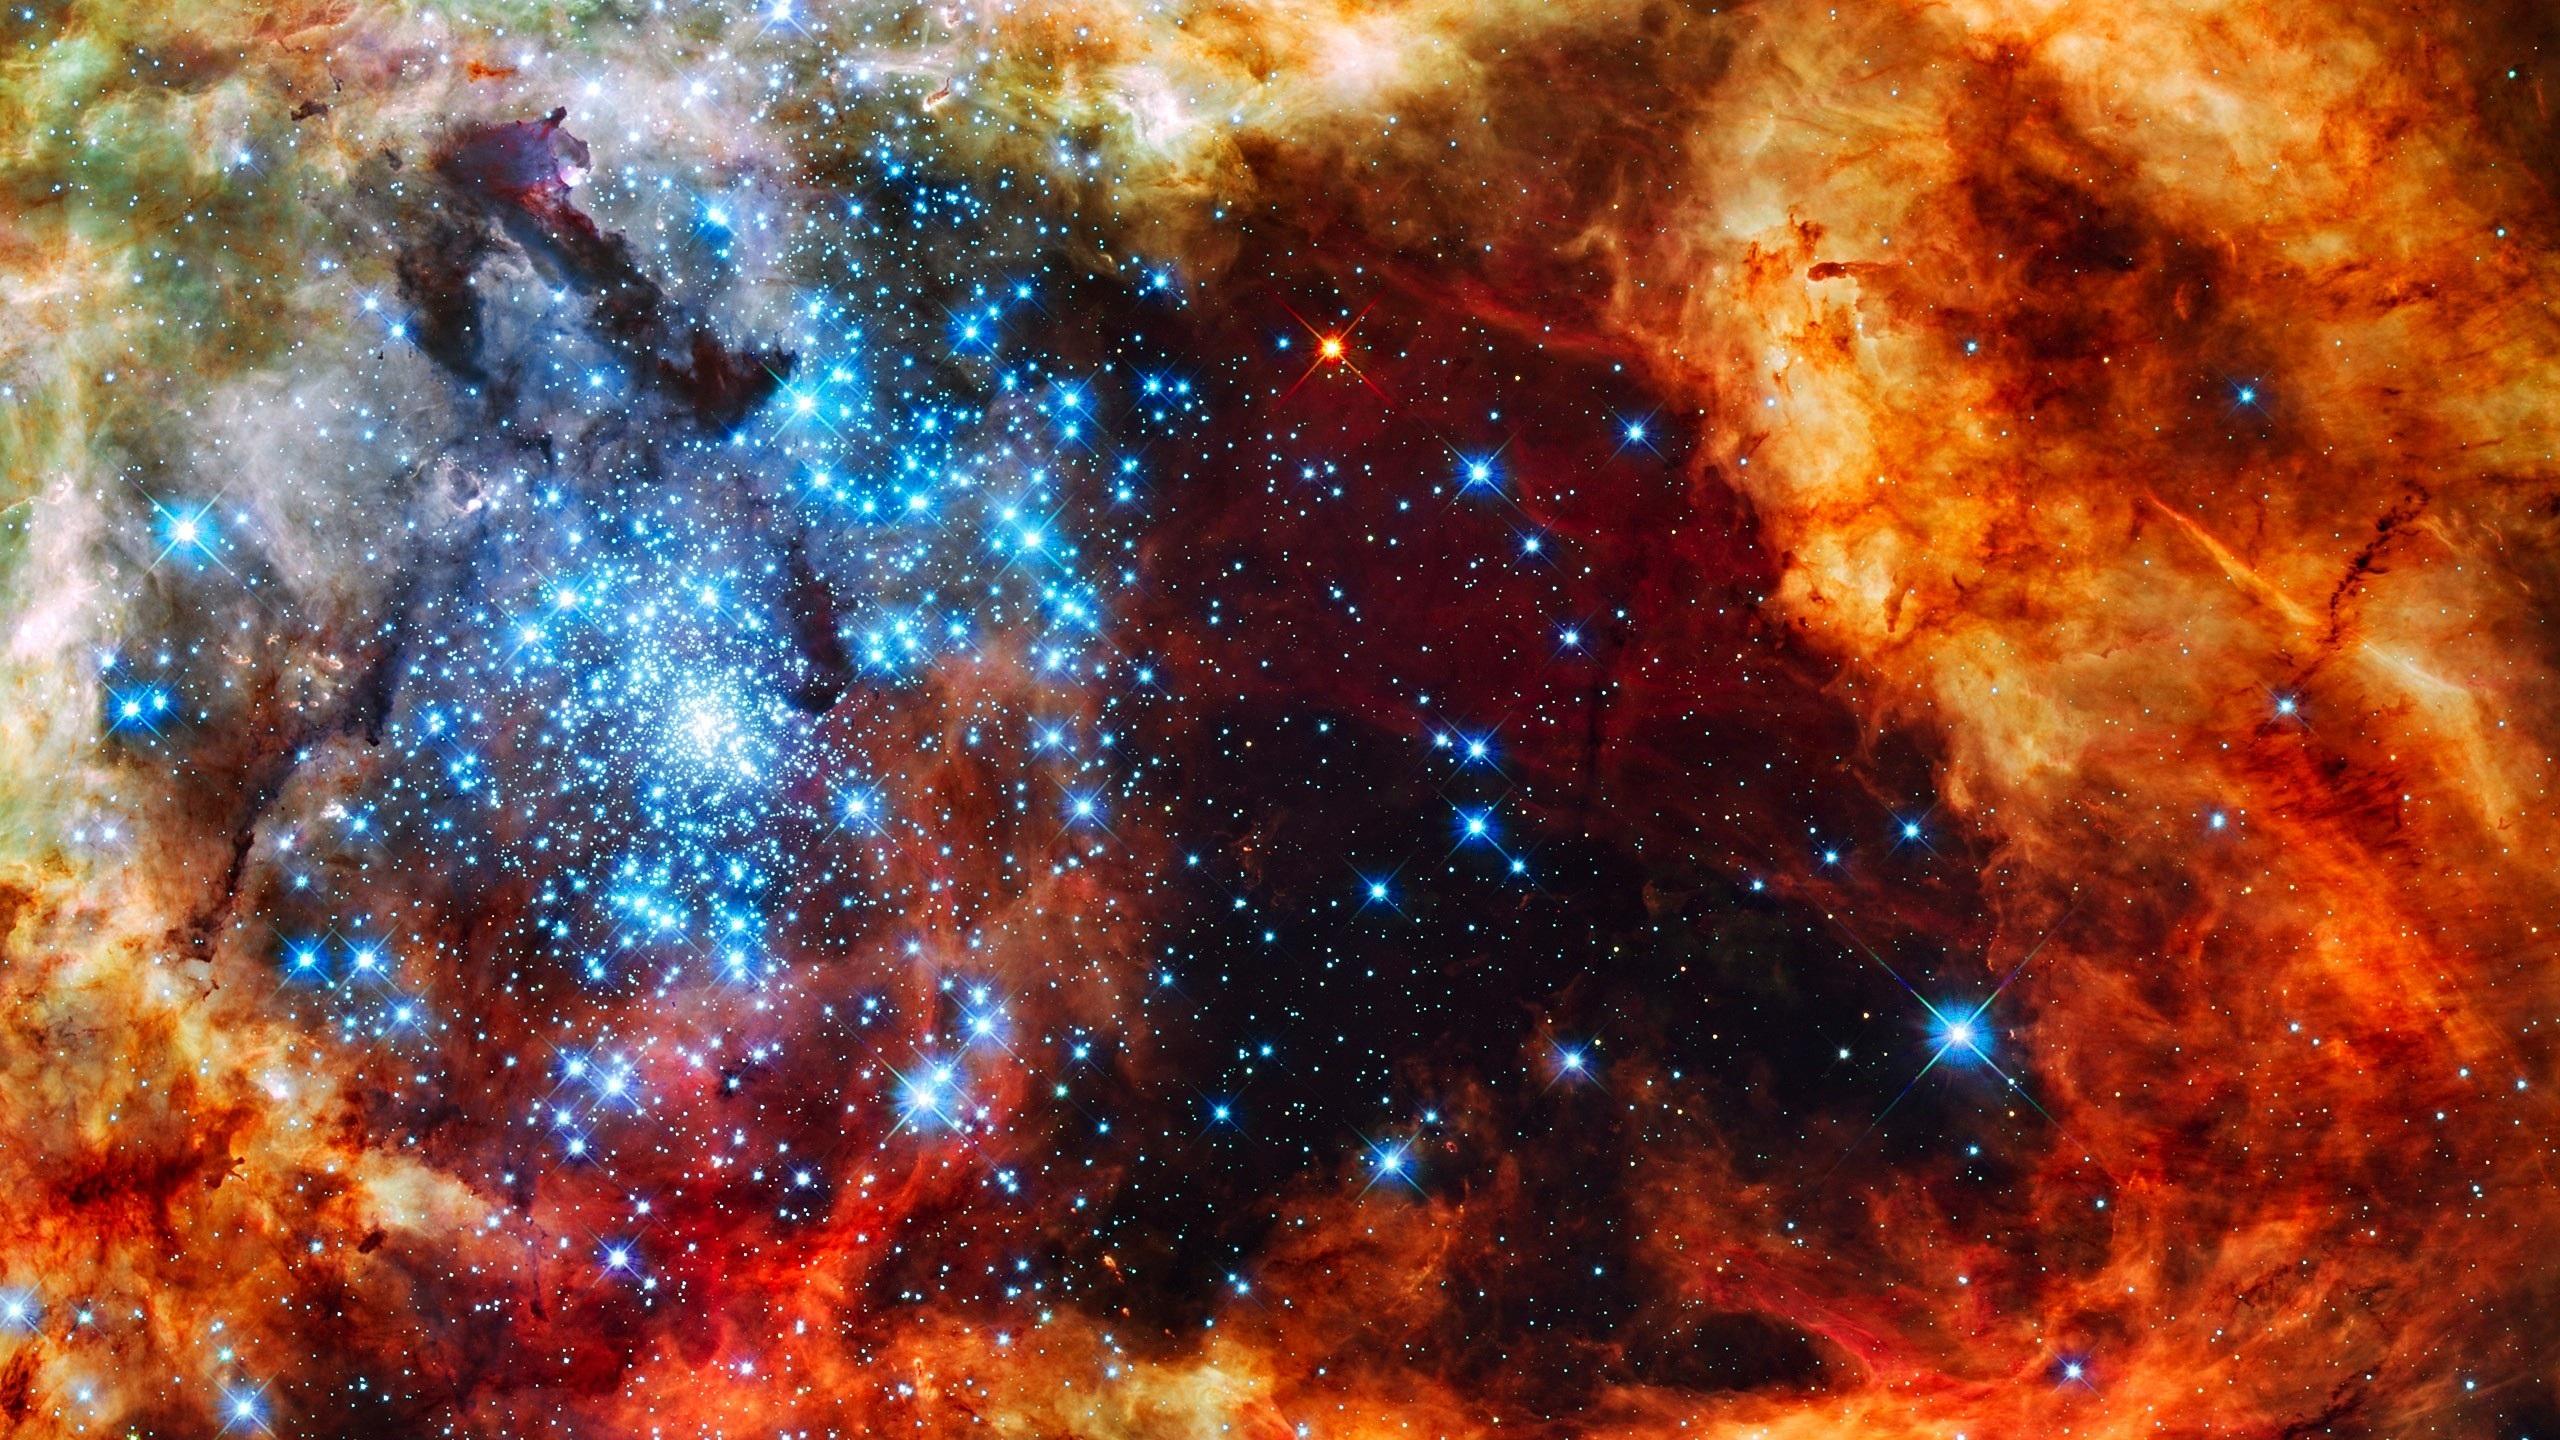 Fonds d 39 cran t l charger 2560x1440 starry l 39 espace qhd for Fond ecran qhd